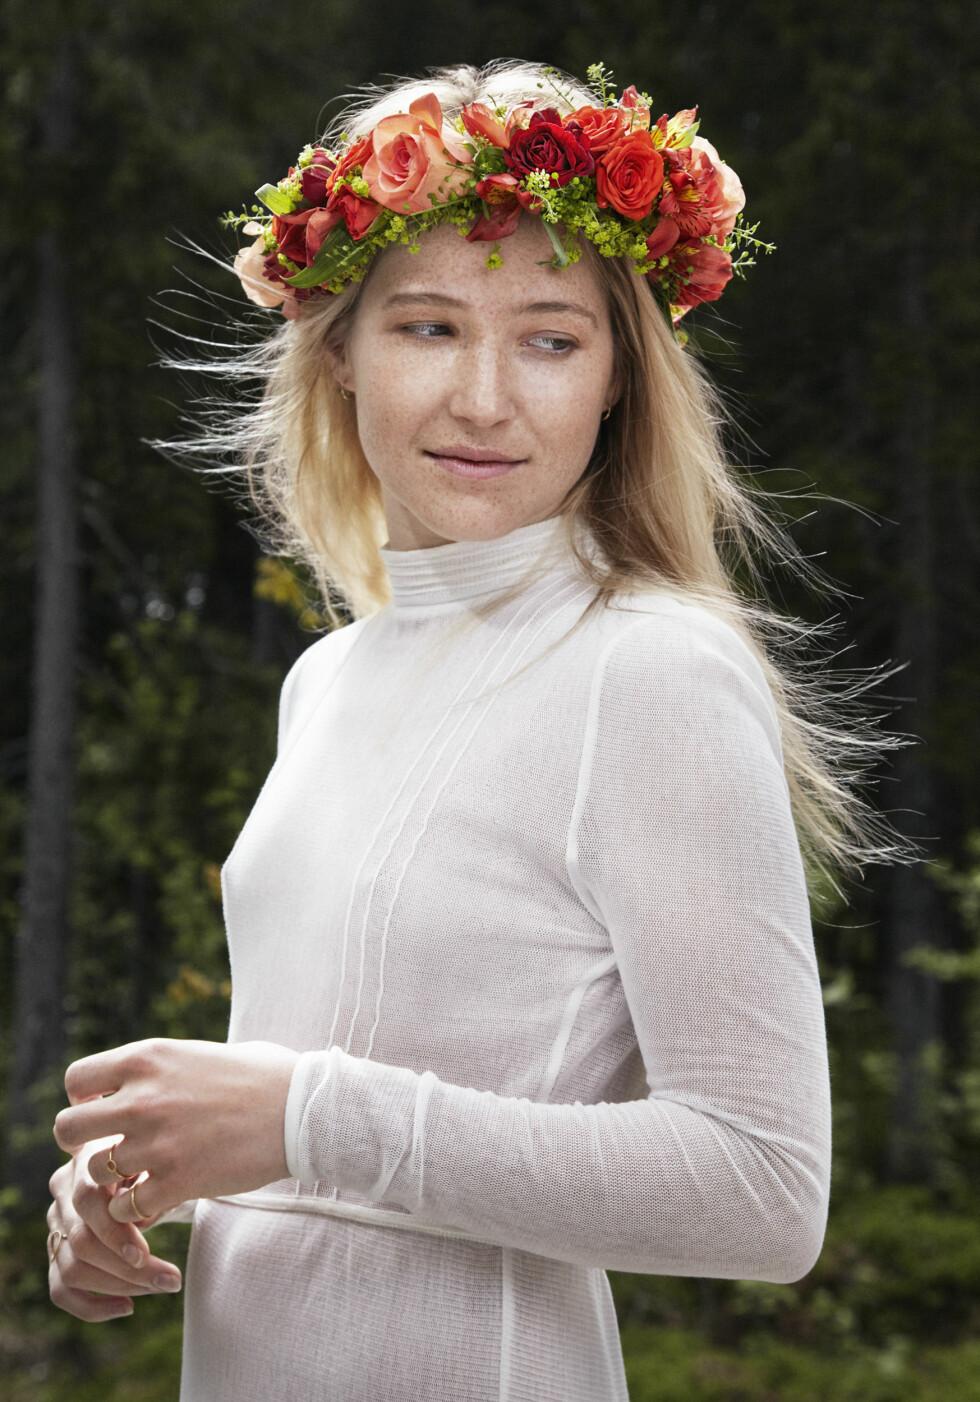 RØDE ROSER: Eksperimenter med farger i kransen! Foto: Julie Pike, Mester Grønn